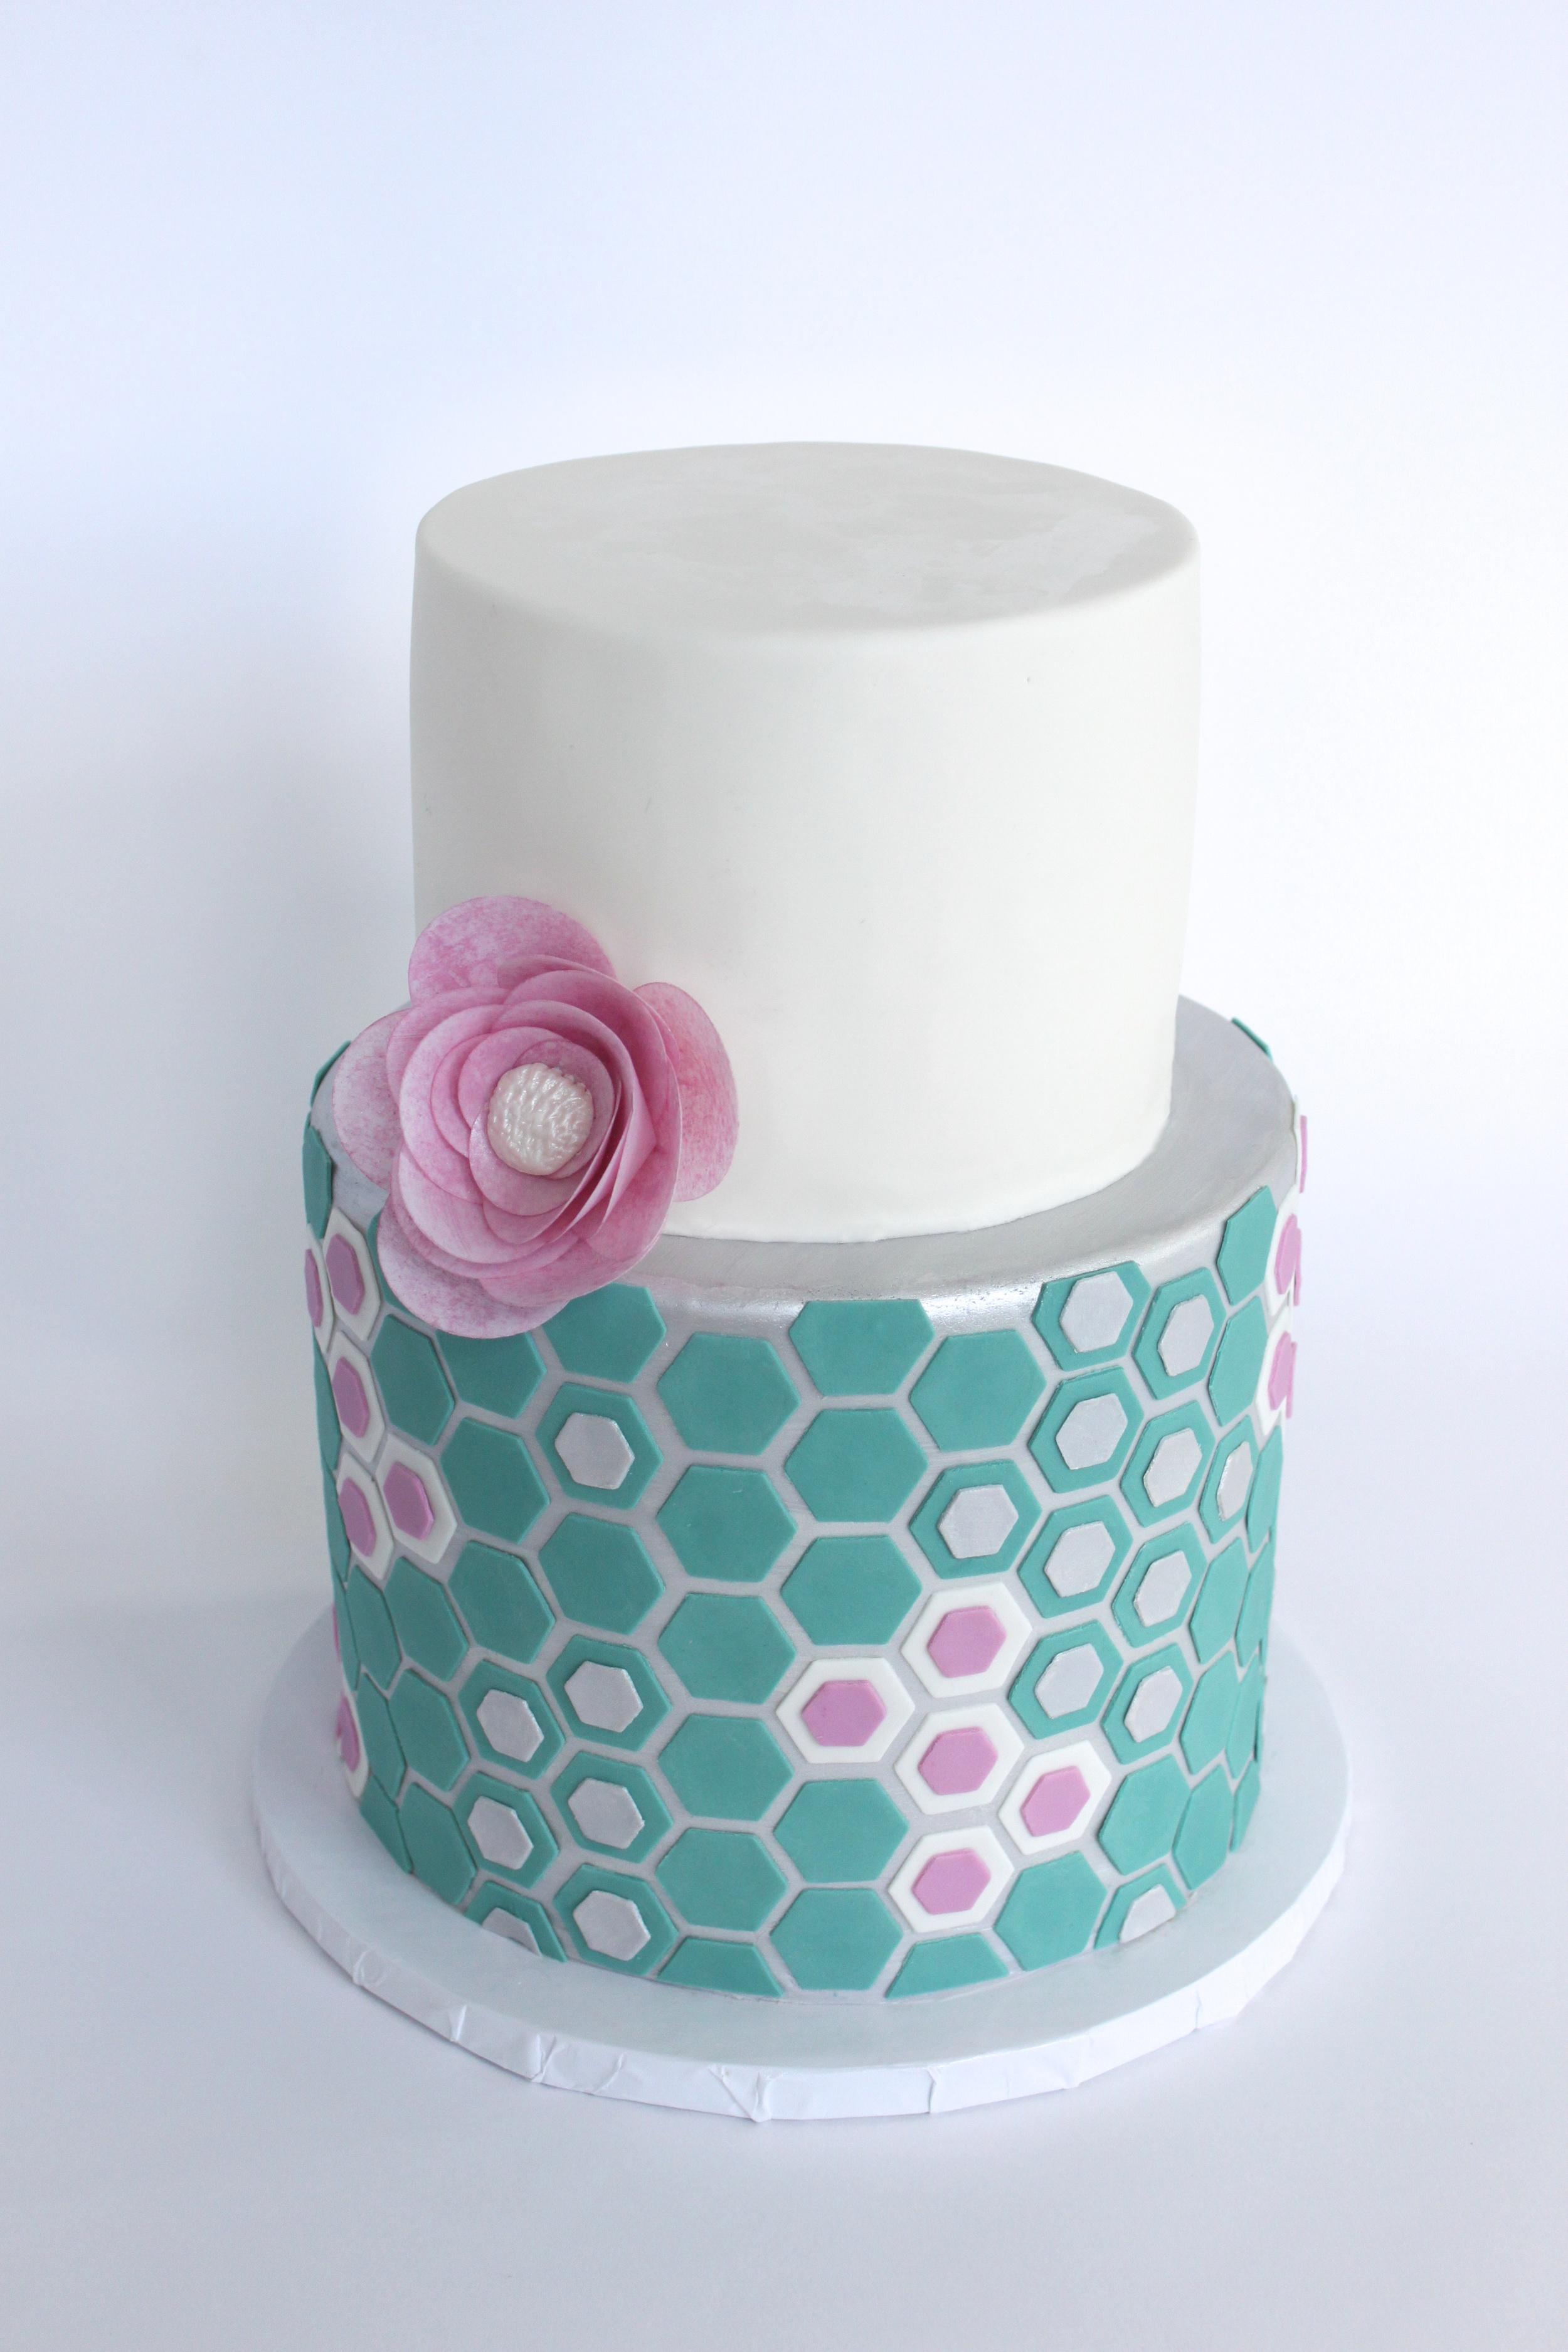 Honeycomb hexagon cake gram 9194.jpg